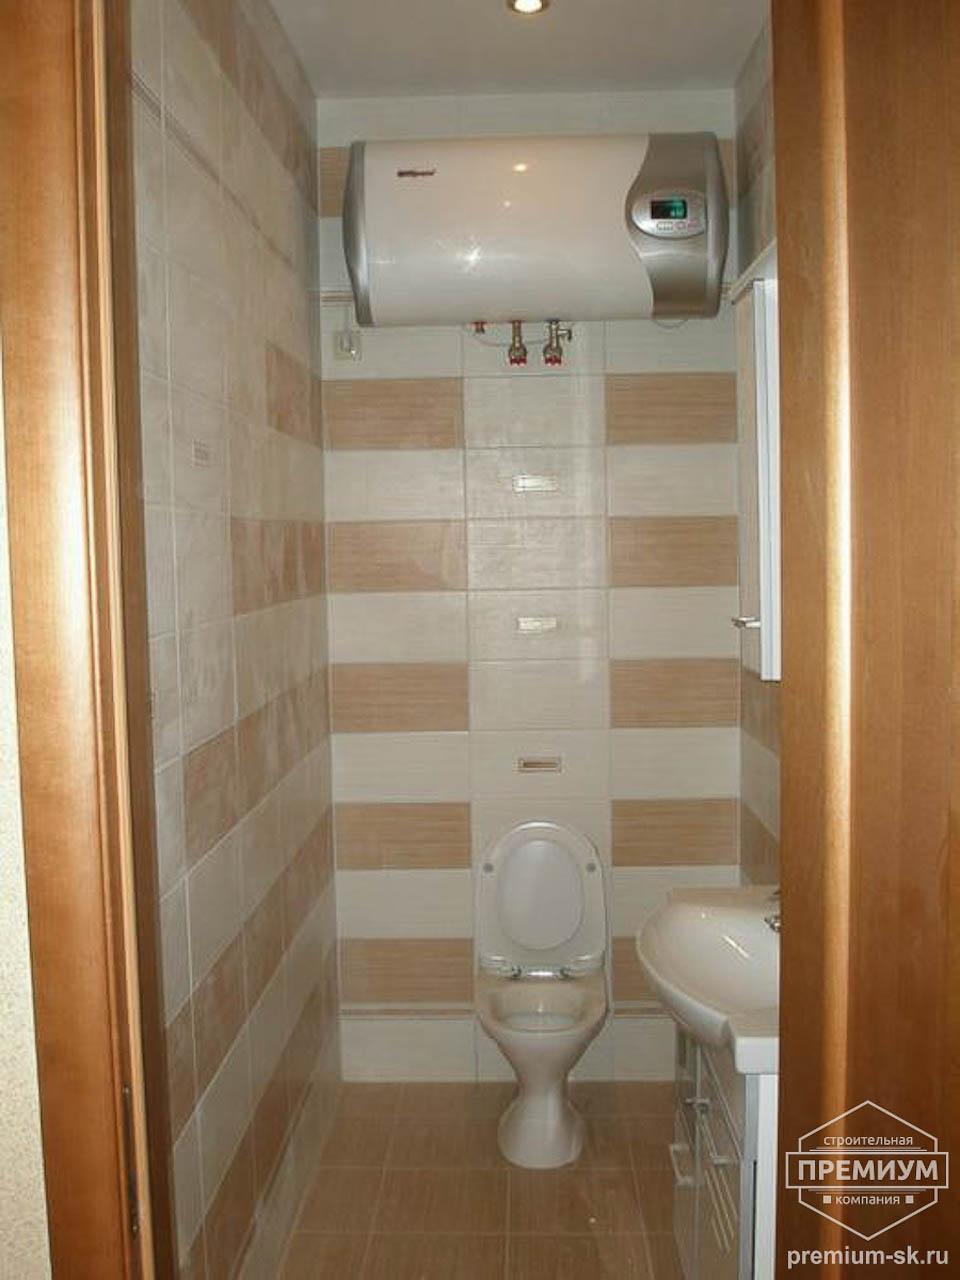 Ремонт туалета плиткой своими руками фото